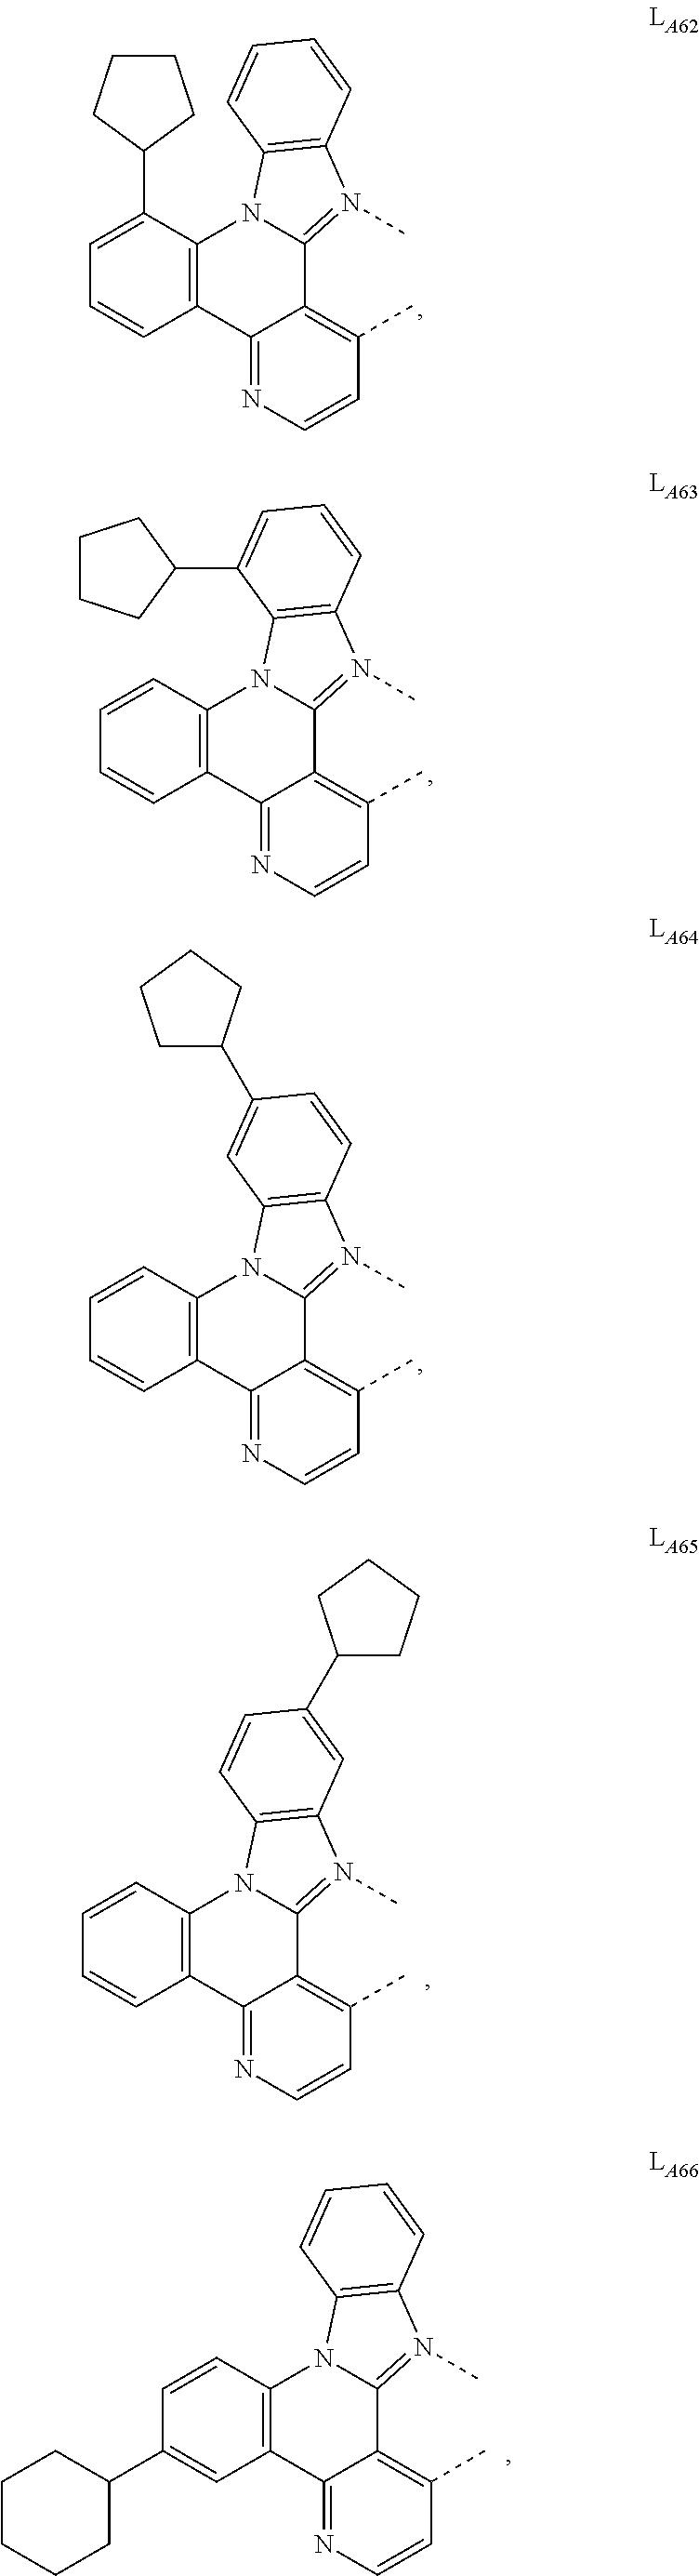 Figure US09905785-20180227-C00438